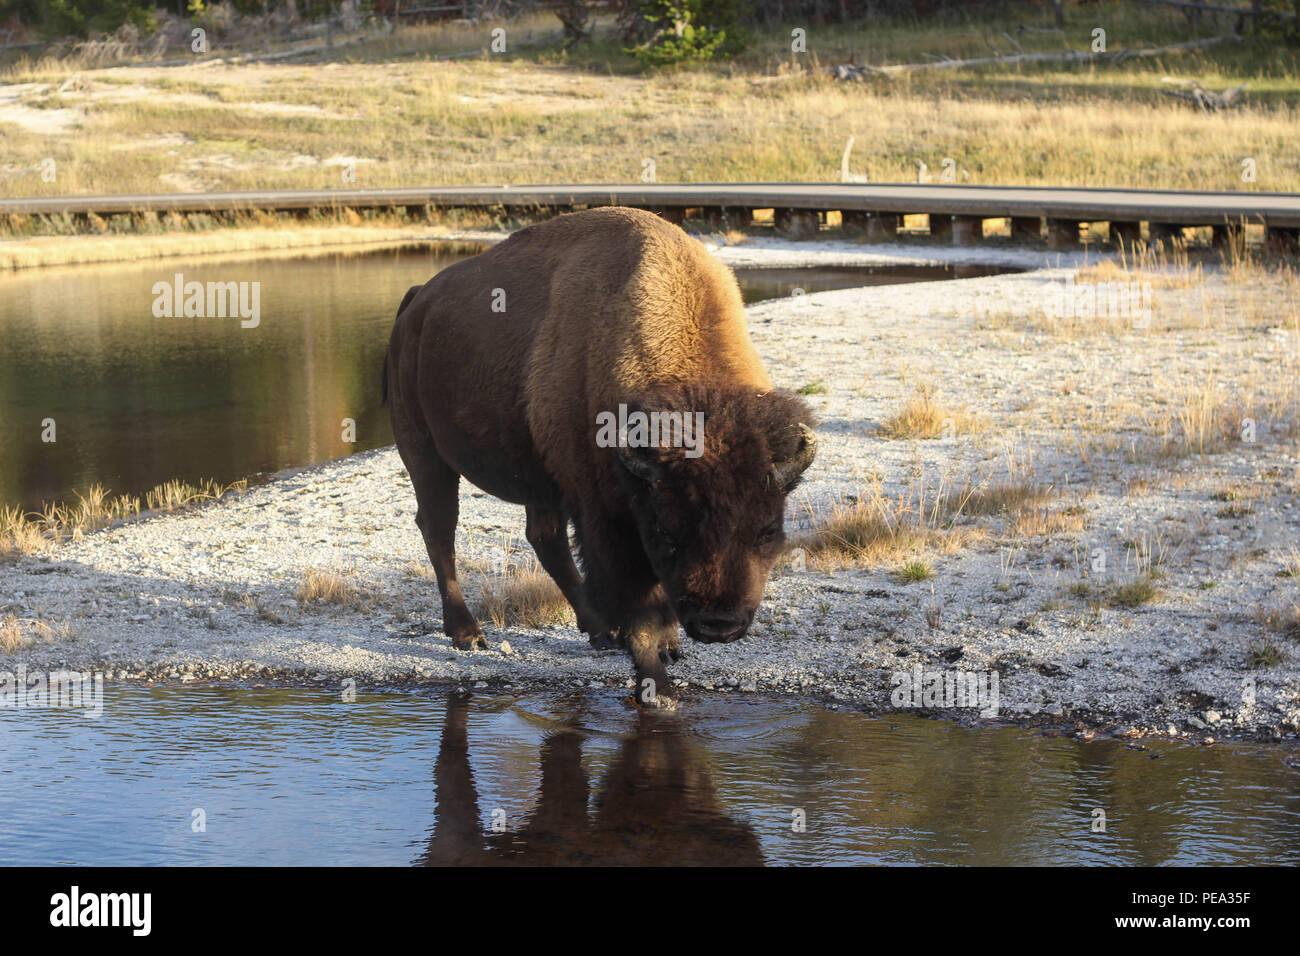 Tierwelt Natur Outdoor Fotografie enorme Single Bison Buffalo Bull Ungulate Säugetier gehen mit Reflexion im Wasser Yellowstone National Park USA Stockbild